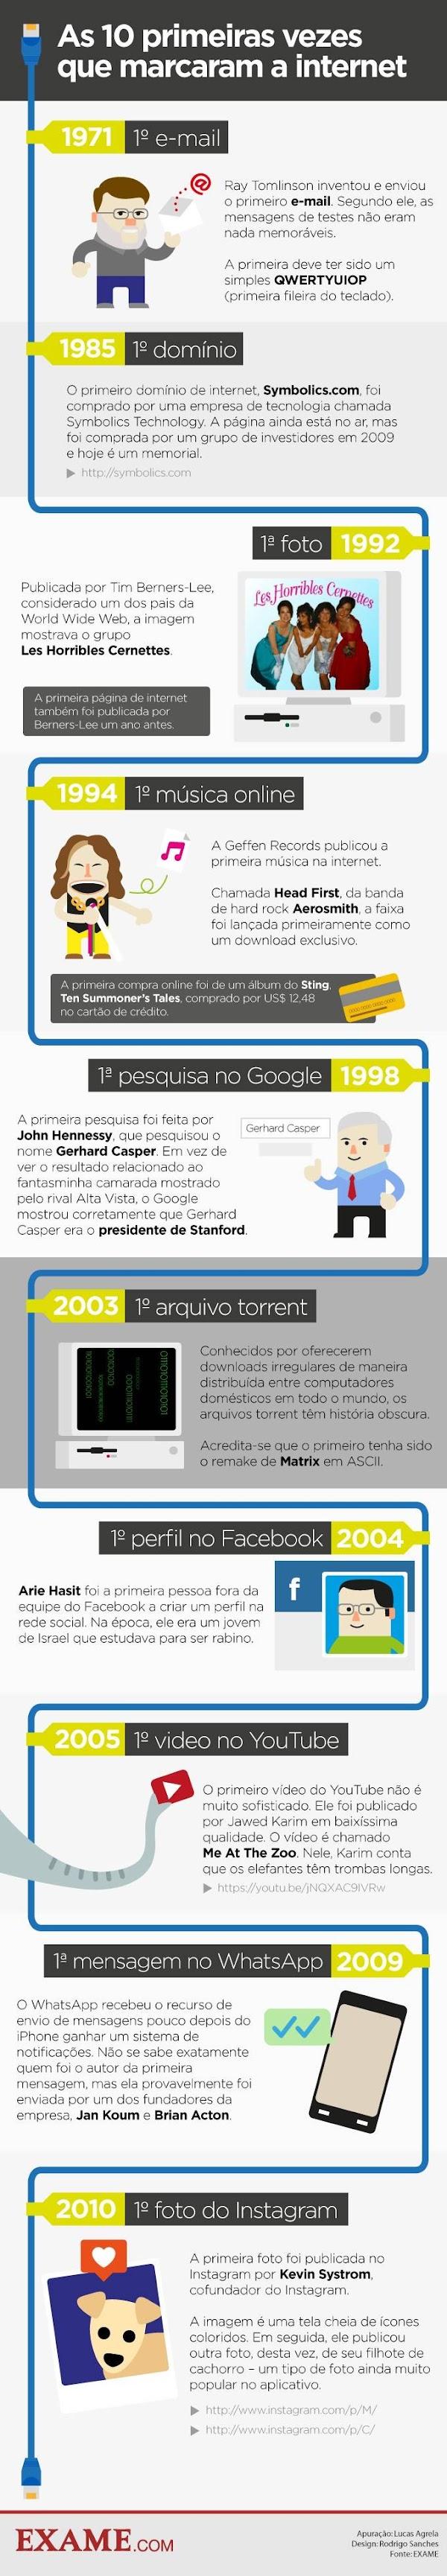 Confira o infográfico que mostra 10 primeiras vezes que marcaram a história da internet mundial